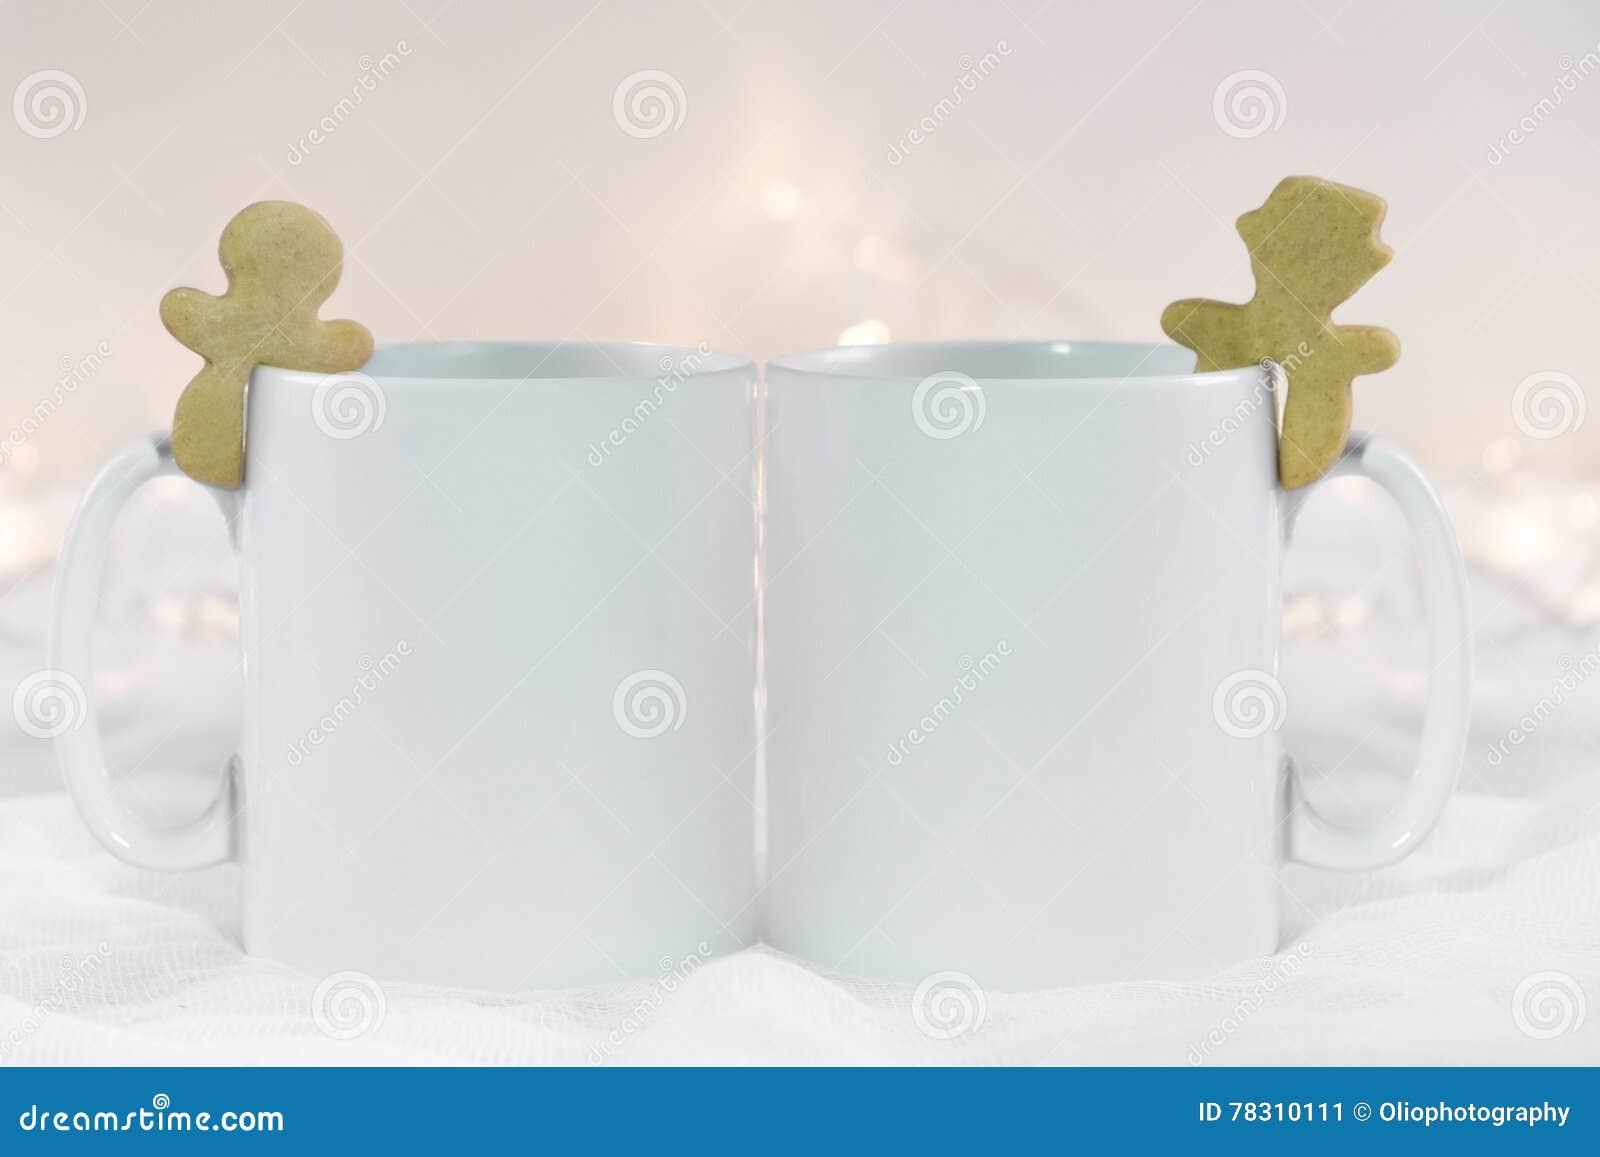 d8b255d3bfa6 Η χλεύη Χριστουγέννων όρισε επάνω την εικόνα προϊόντων αποθεμάτων, σκηνή  Χριστουγέννων με δύο άσπρες κενές κούπες καφέ προς τις οποίες μπορείτε να  ...